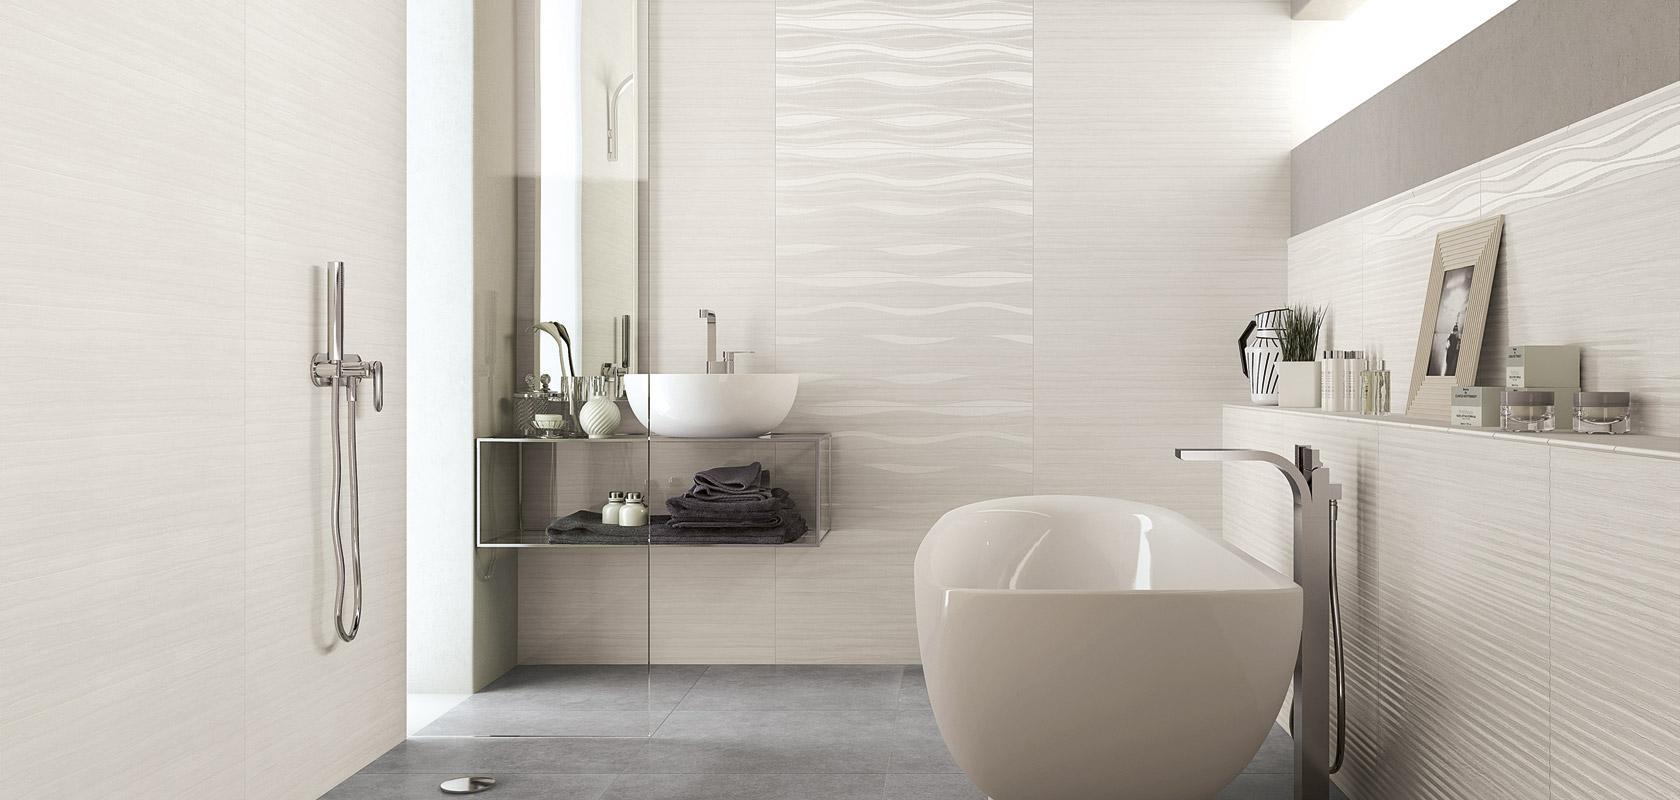 Piastrella bagno progettare e realizzare uno spazio di design - Ceramiche bagno moderno ...